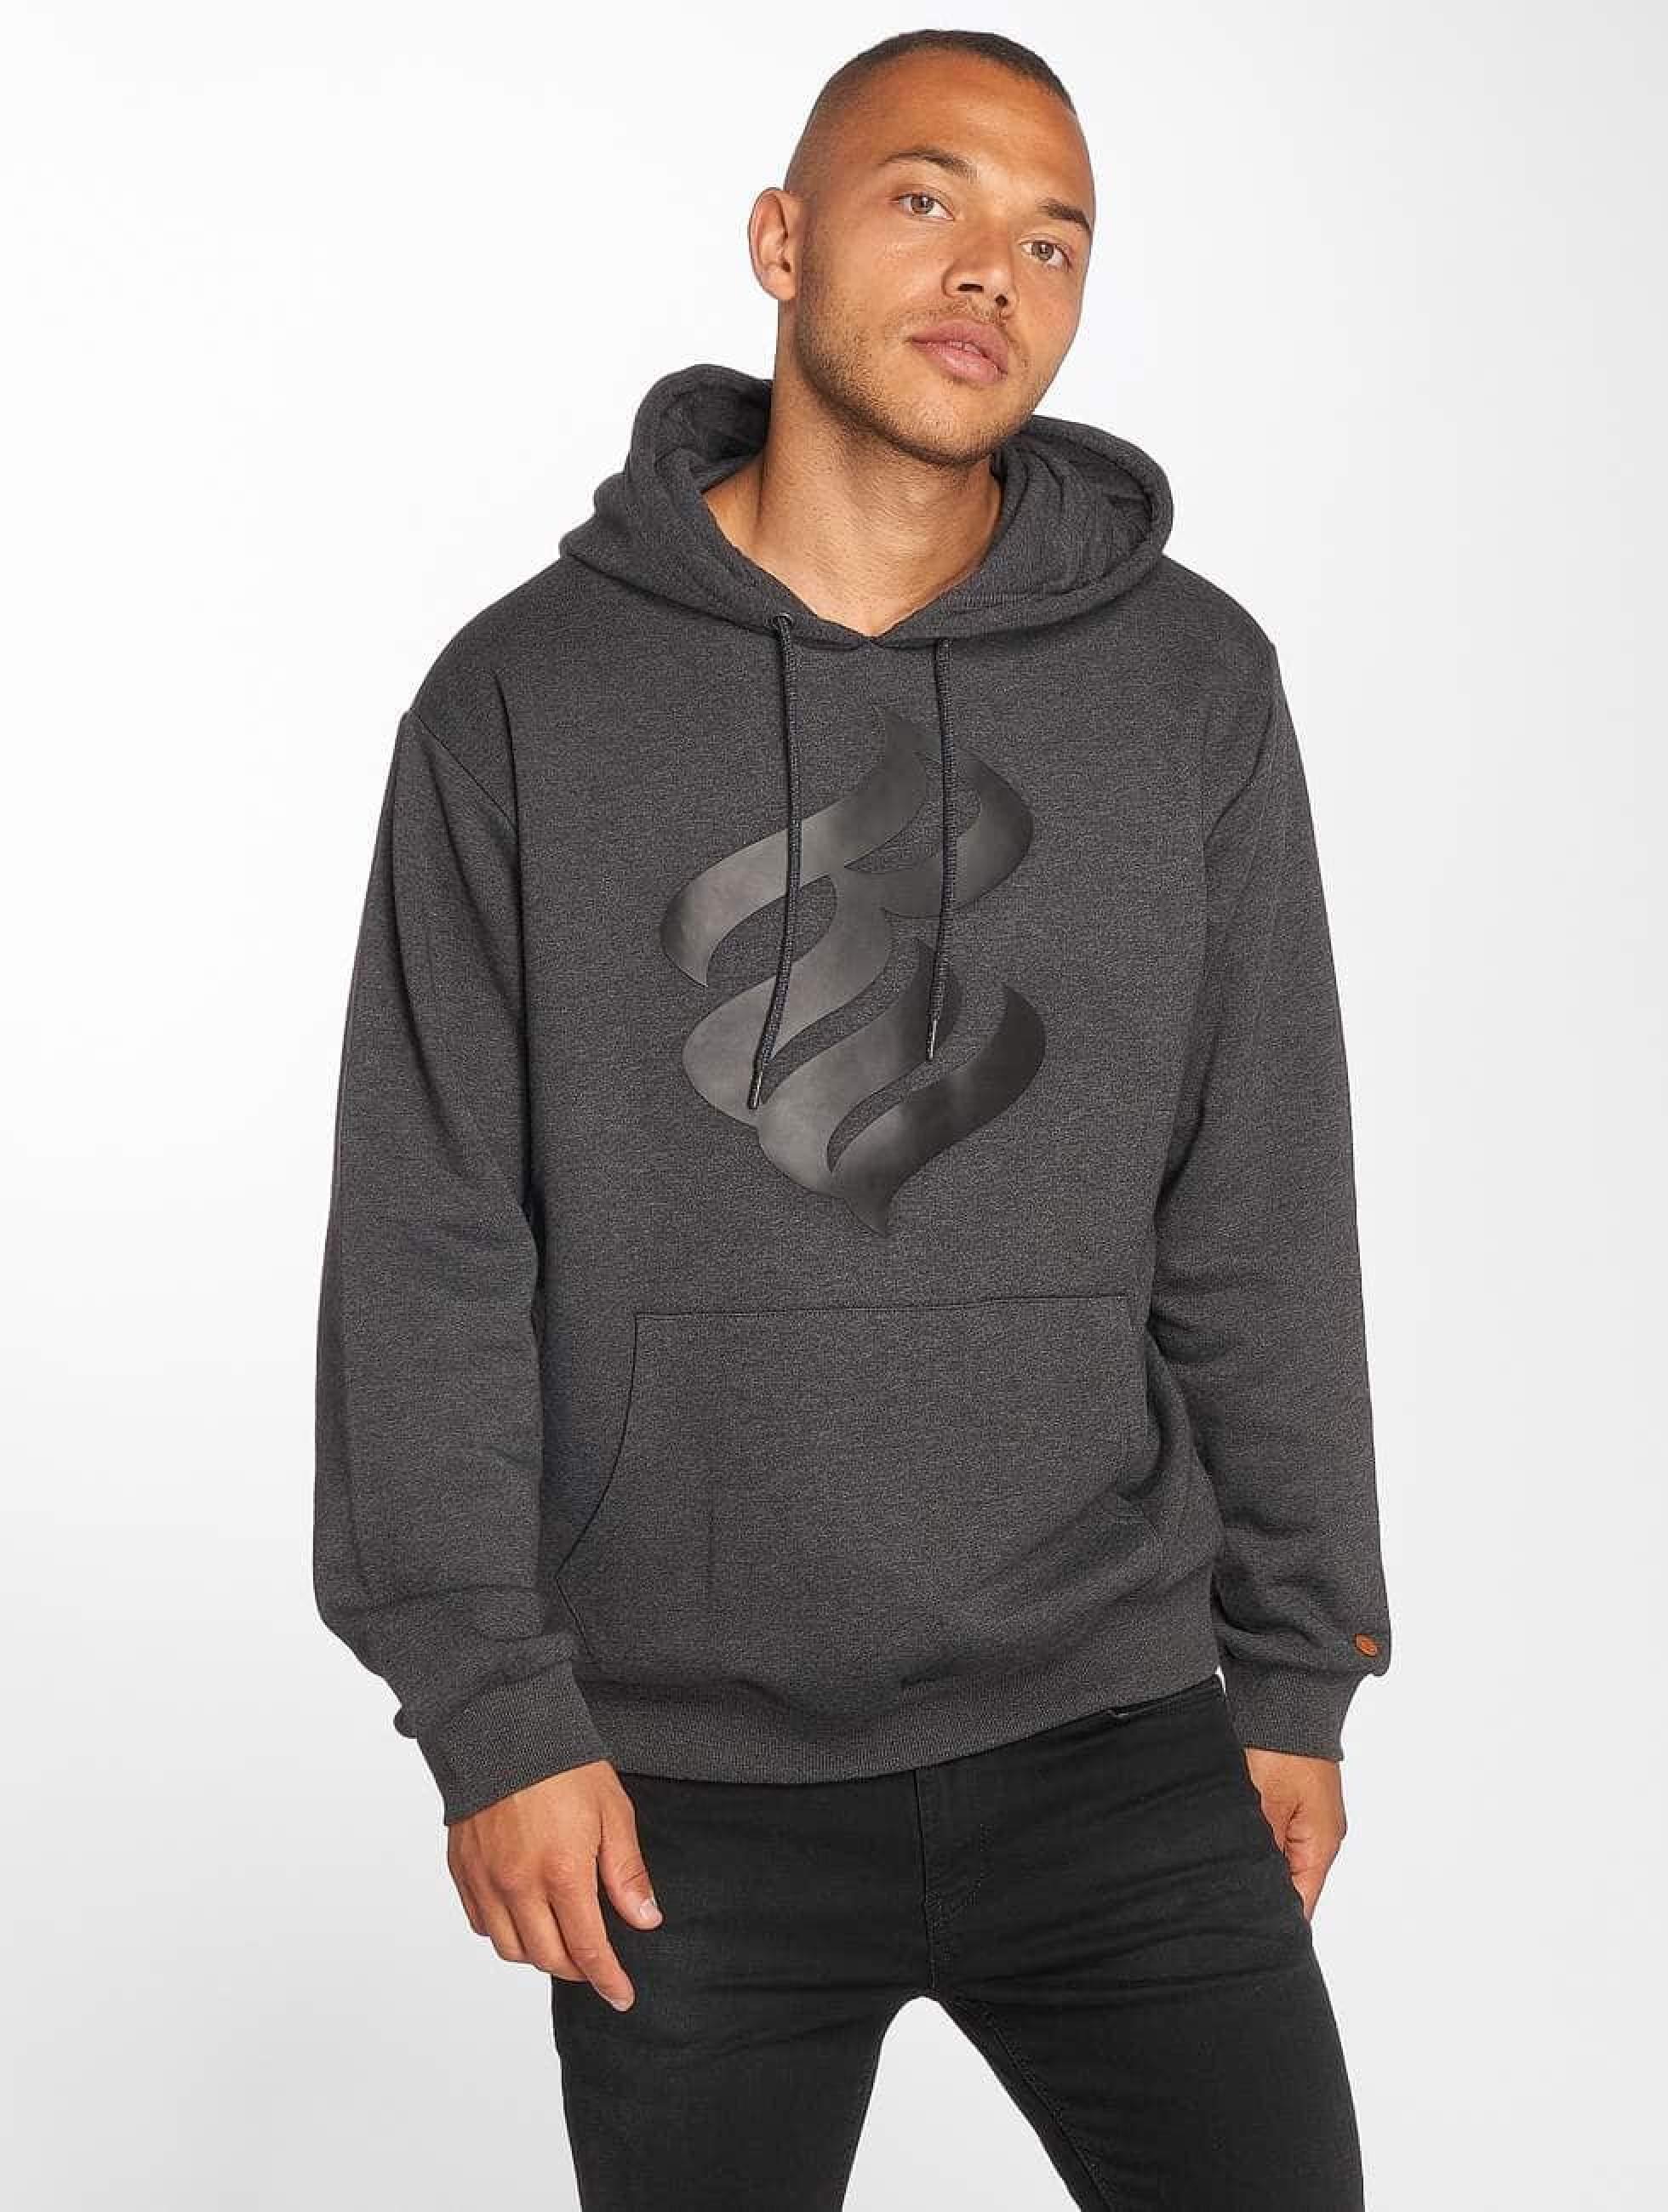 Rocawear / Hoodie Basic in grey 4XL